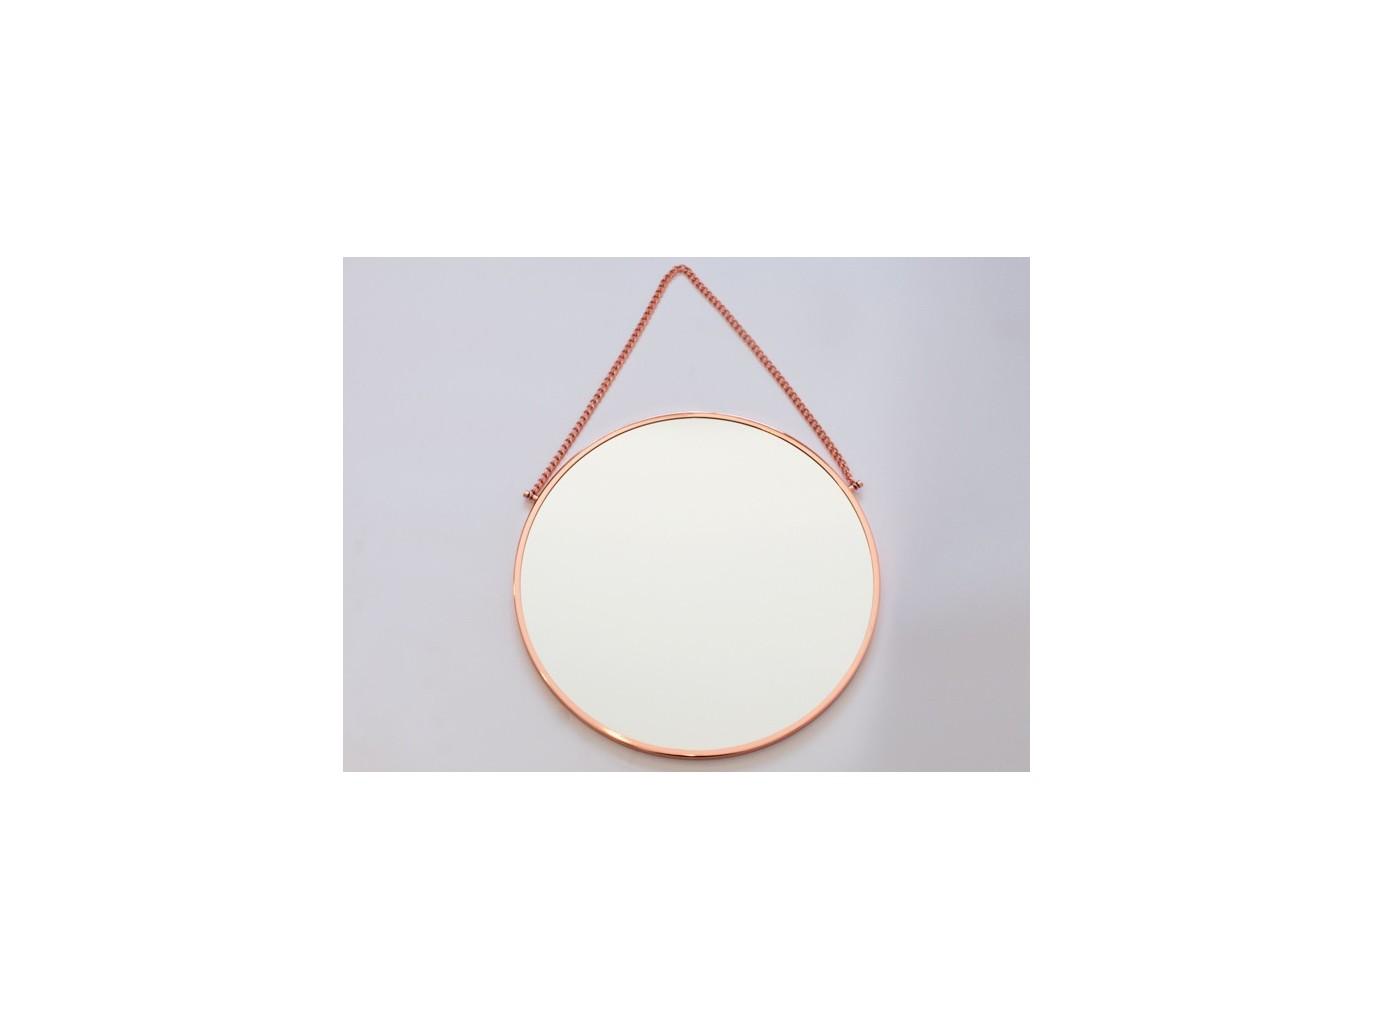 Senta spiegel mit kette - Spiegel mit kette ...